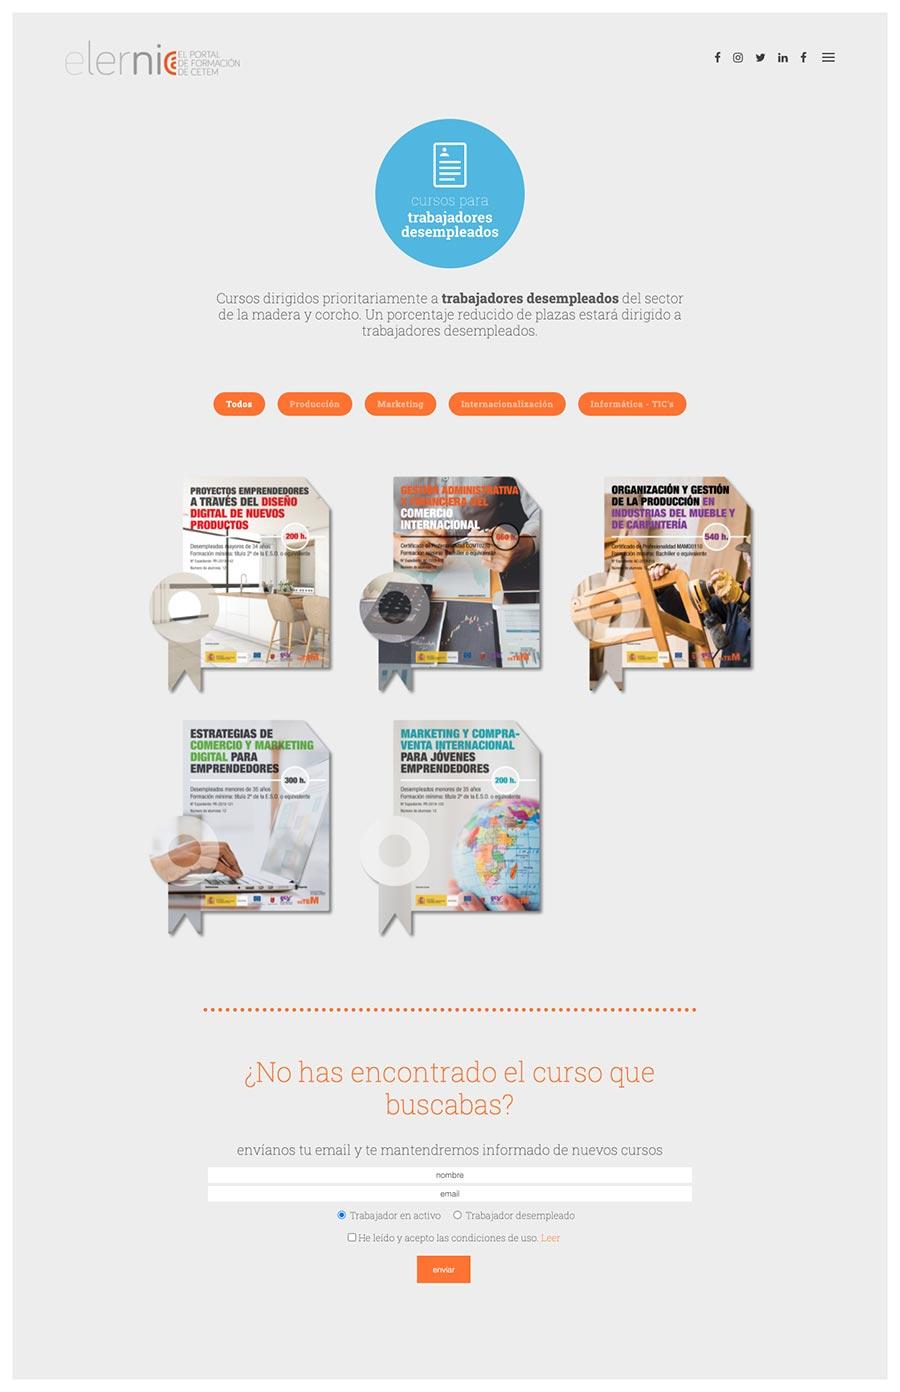 Página cursos para desempleados web elernia